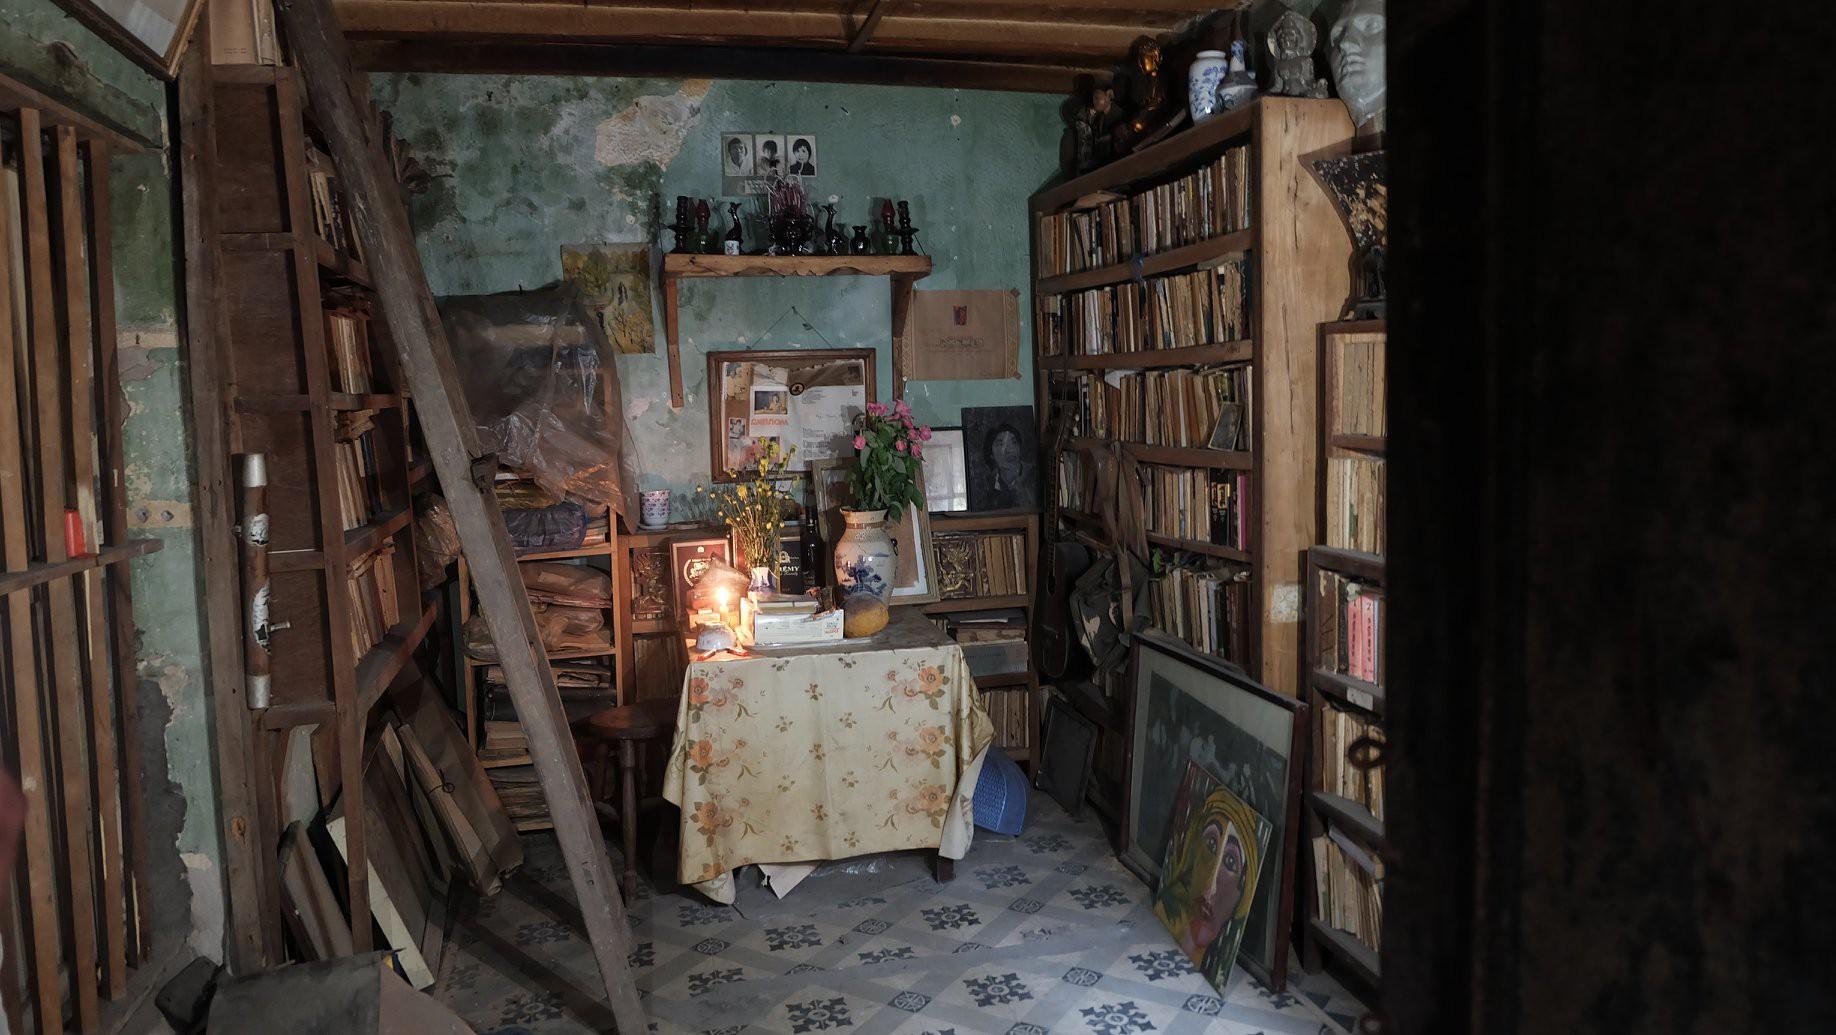 Chuyện về căn phòng 6m2 của vợ chồng Lưu Quang Vũ - Xuân Quỳnh và đêm thơ tưởng nhớ đầy cảm xúc ở Hà Nội - Ảnh 13.